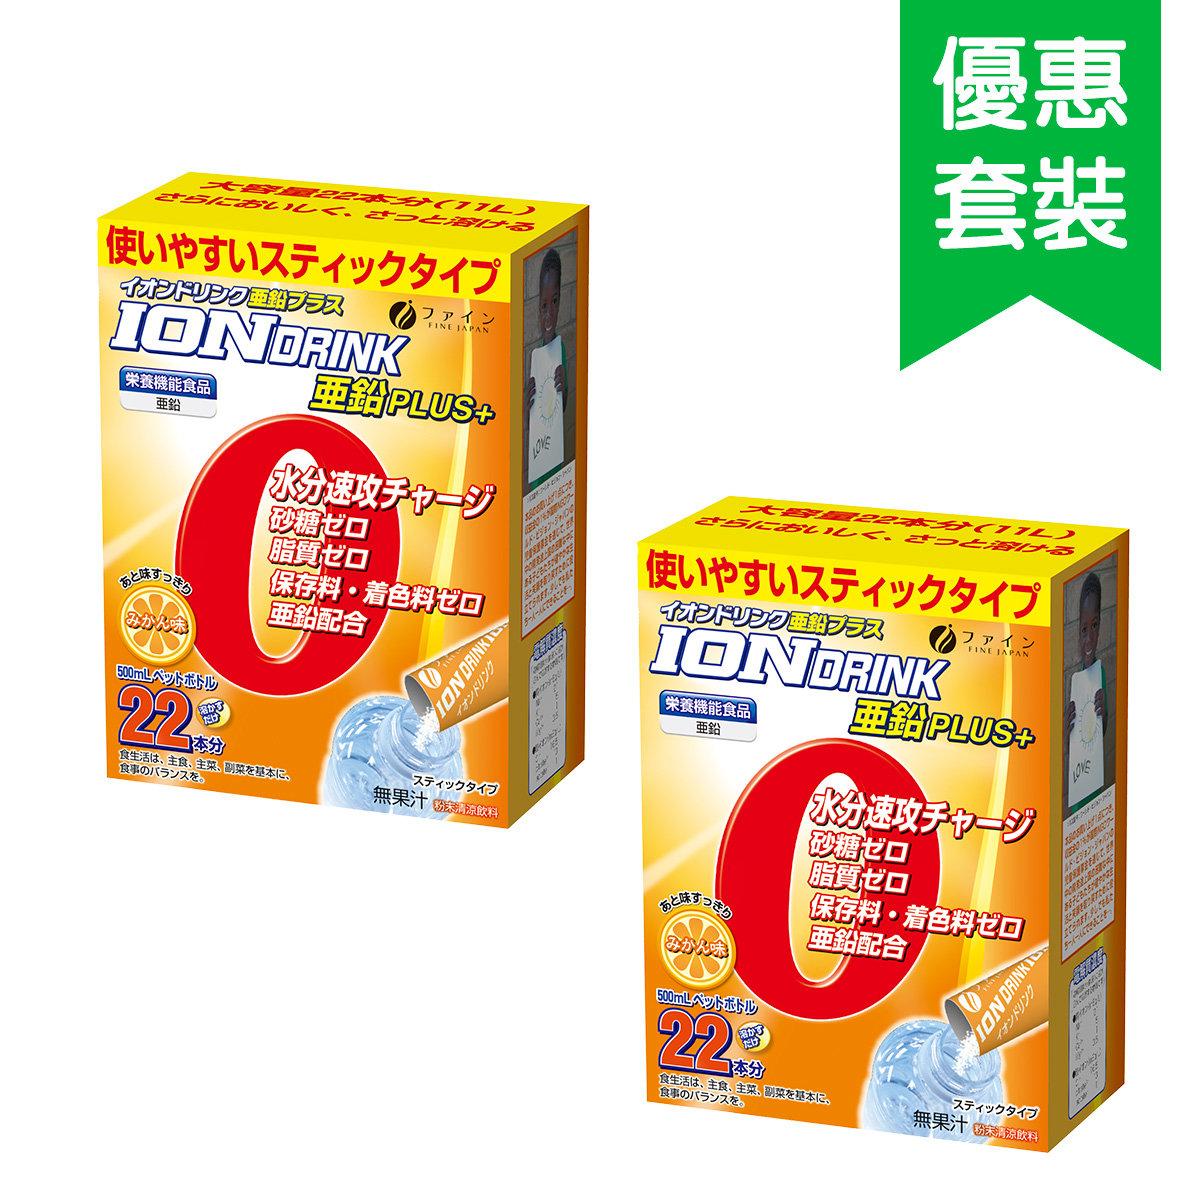 優之源®Ion運動電解質補充飲 (鋅) (孖裝) (990009)